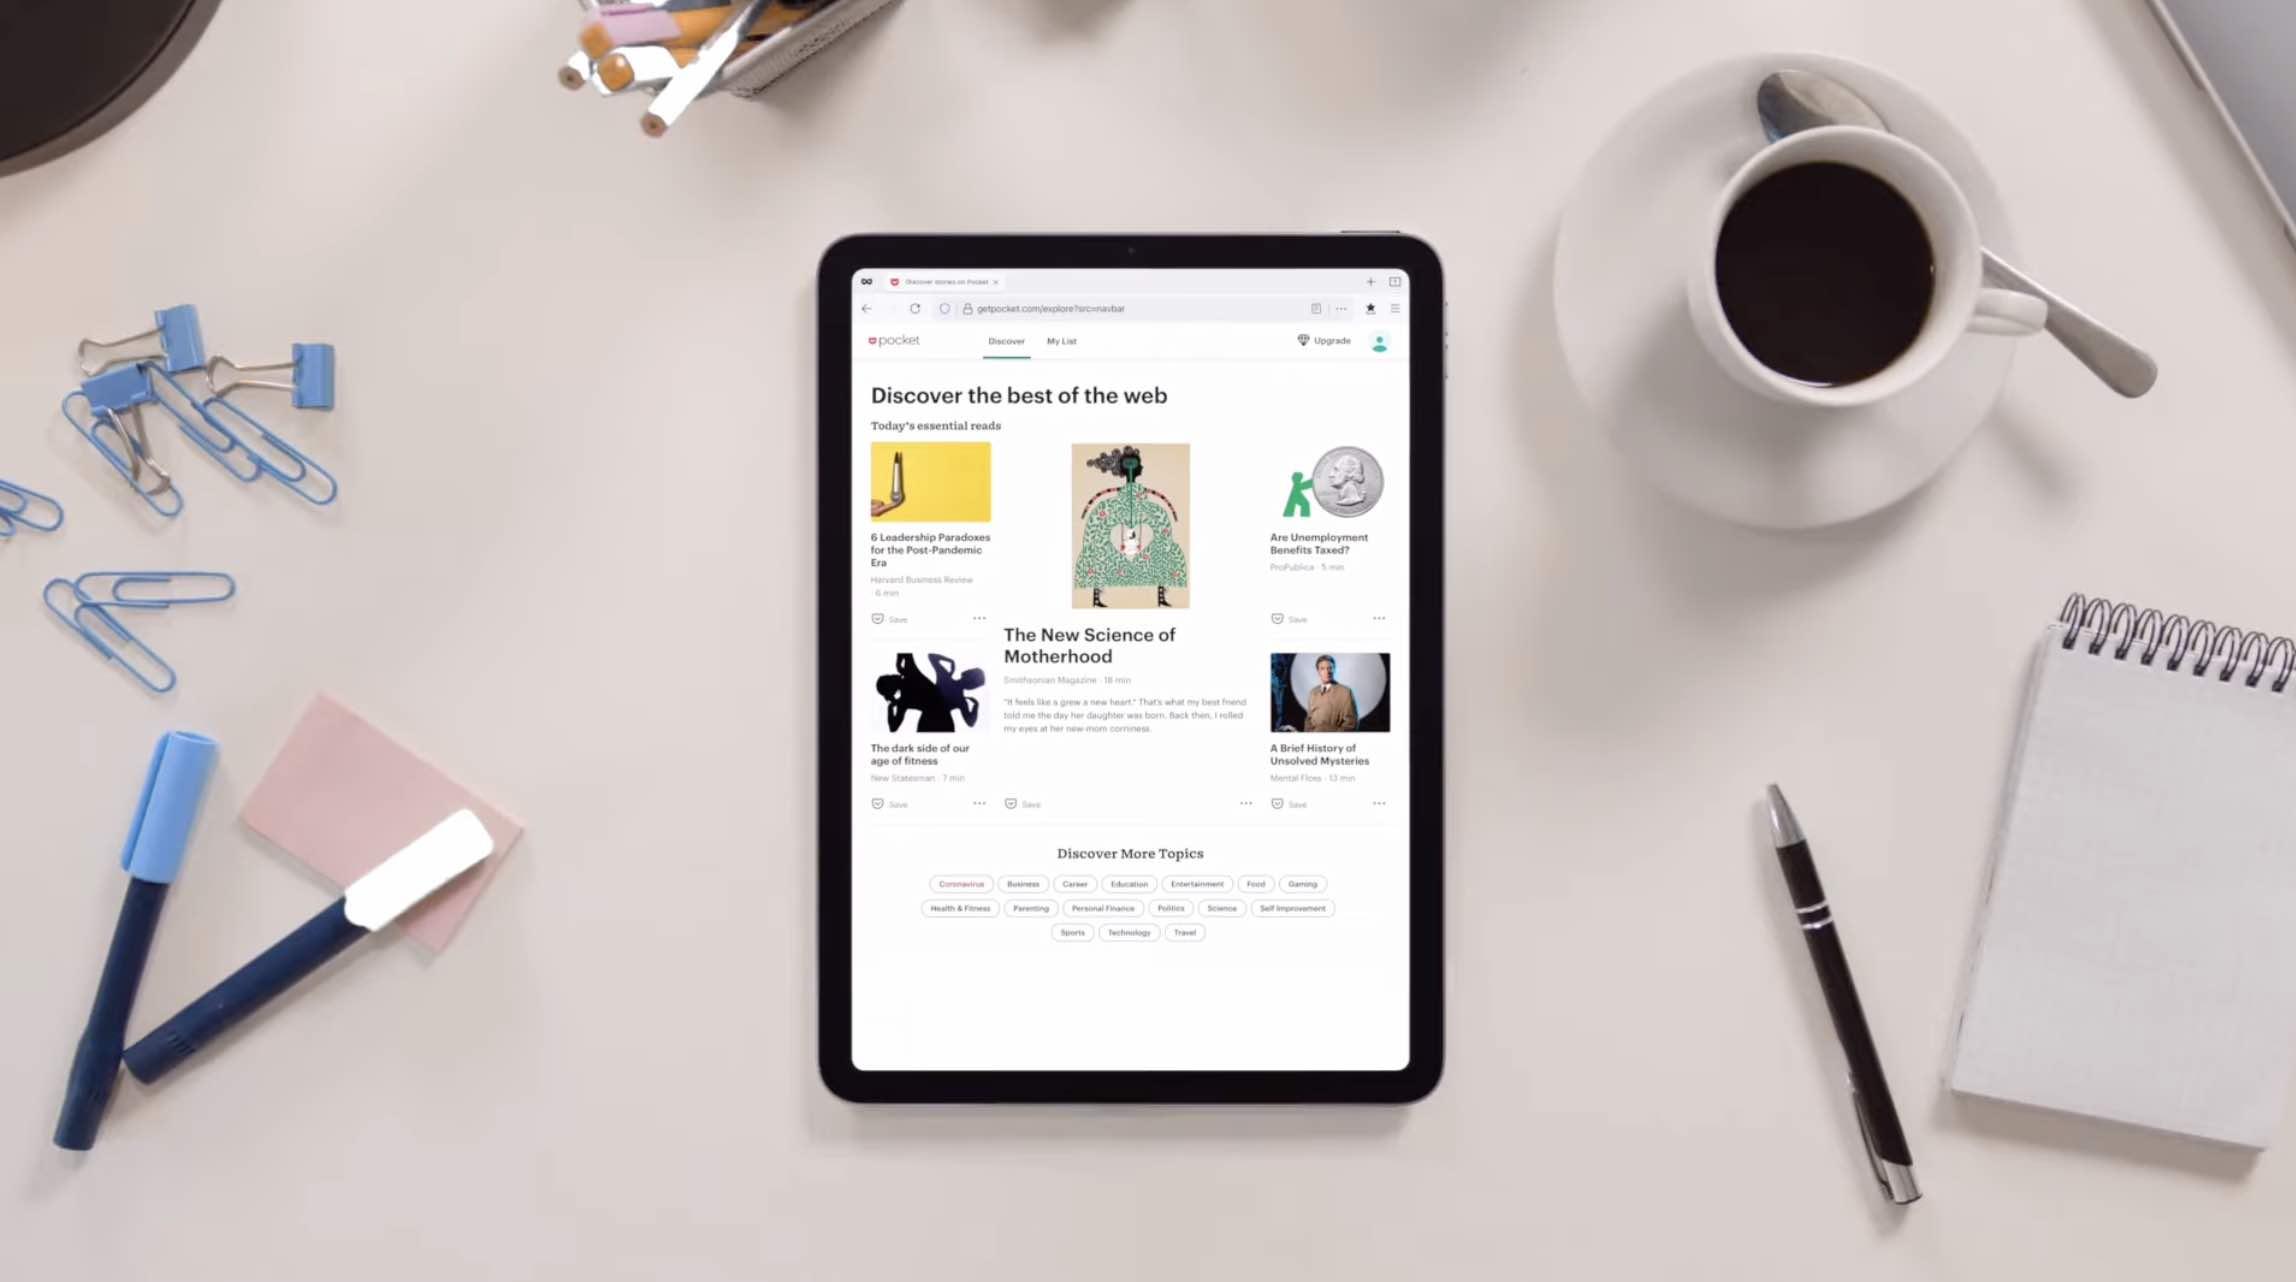 Firefox major update iPadOS